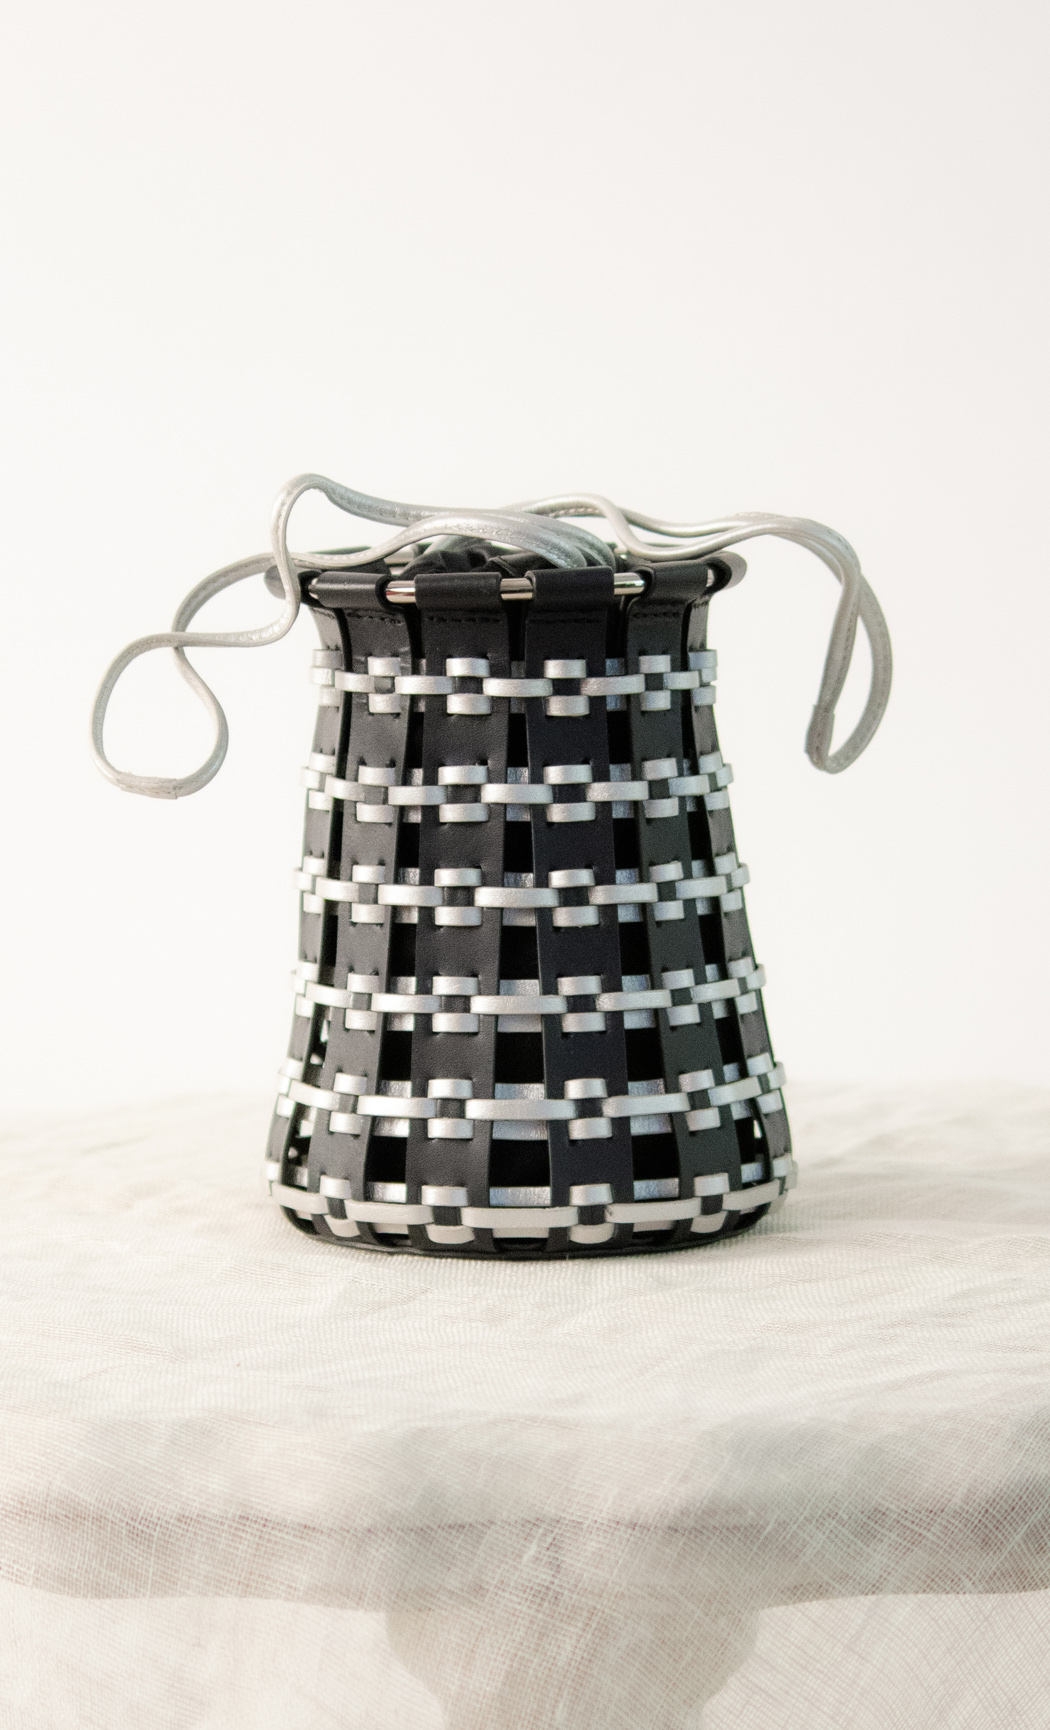 Lantern Potli in Silver-Black. Buy Online